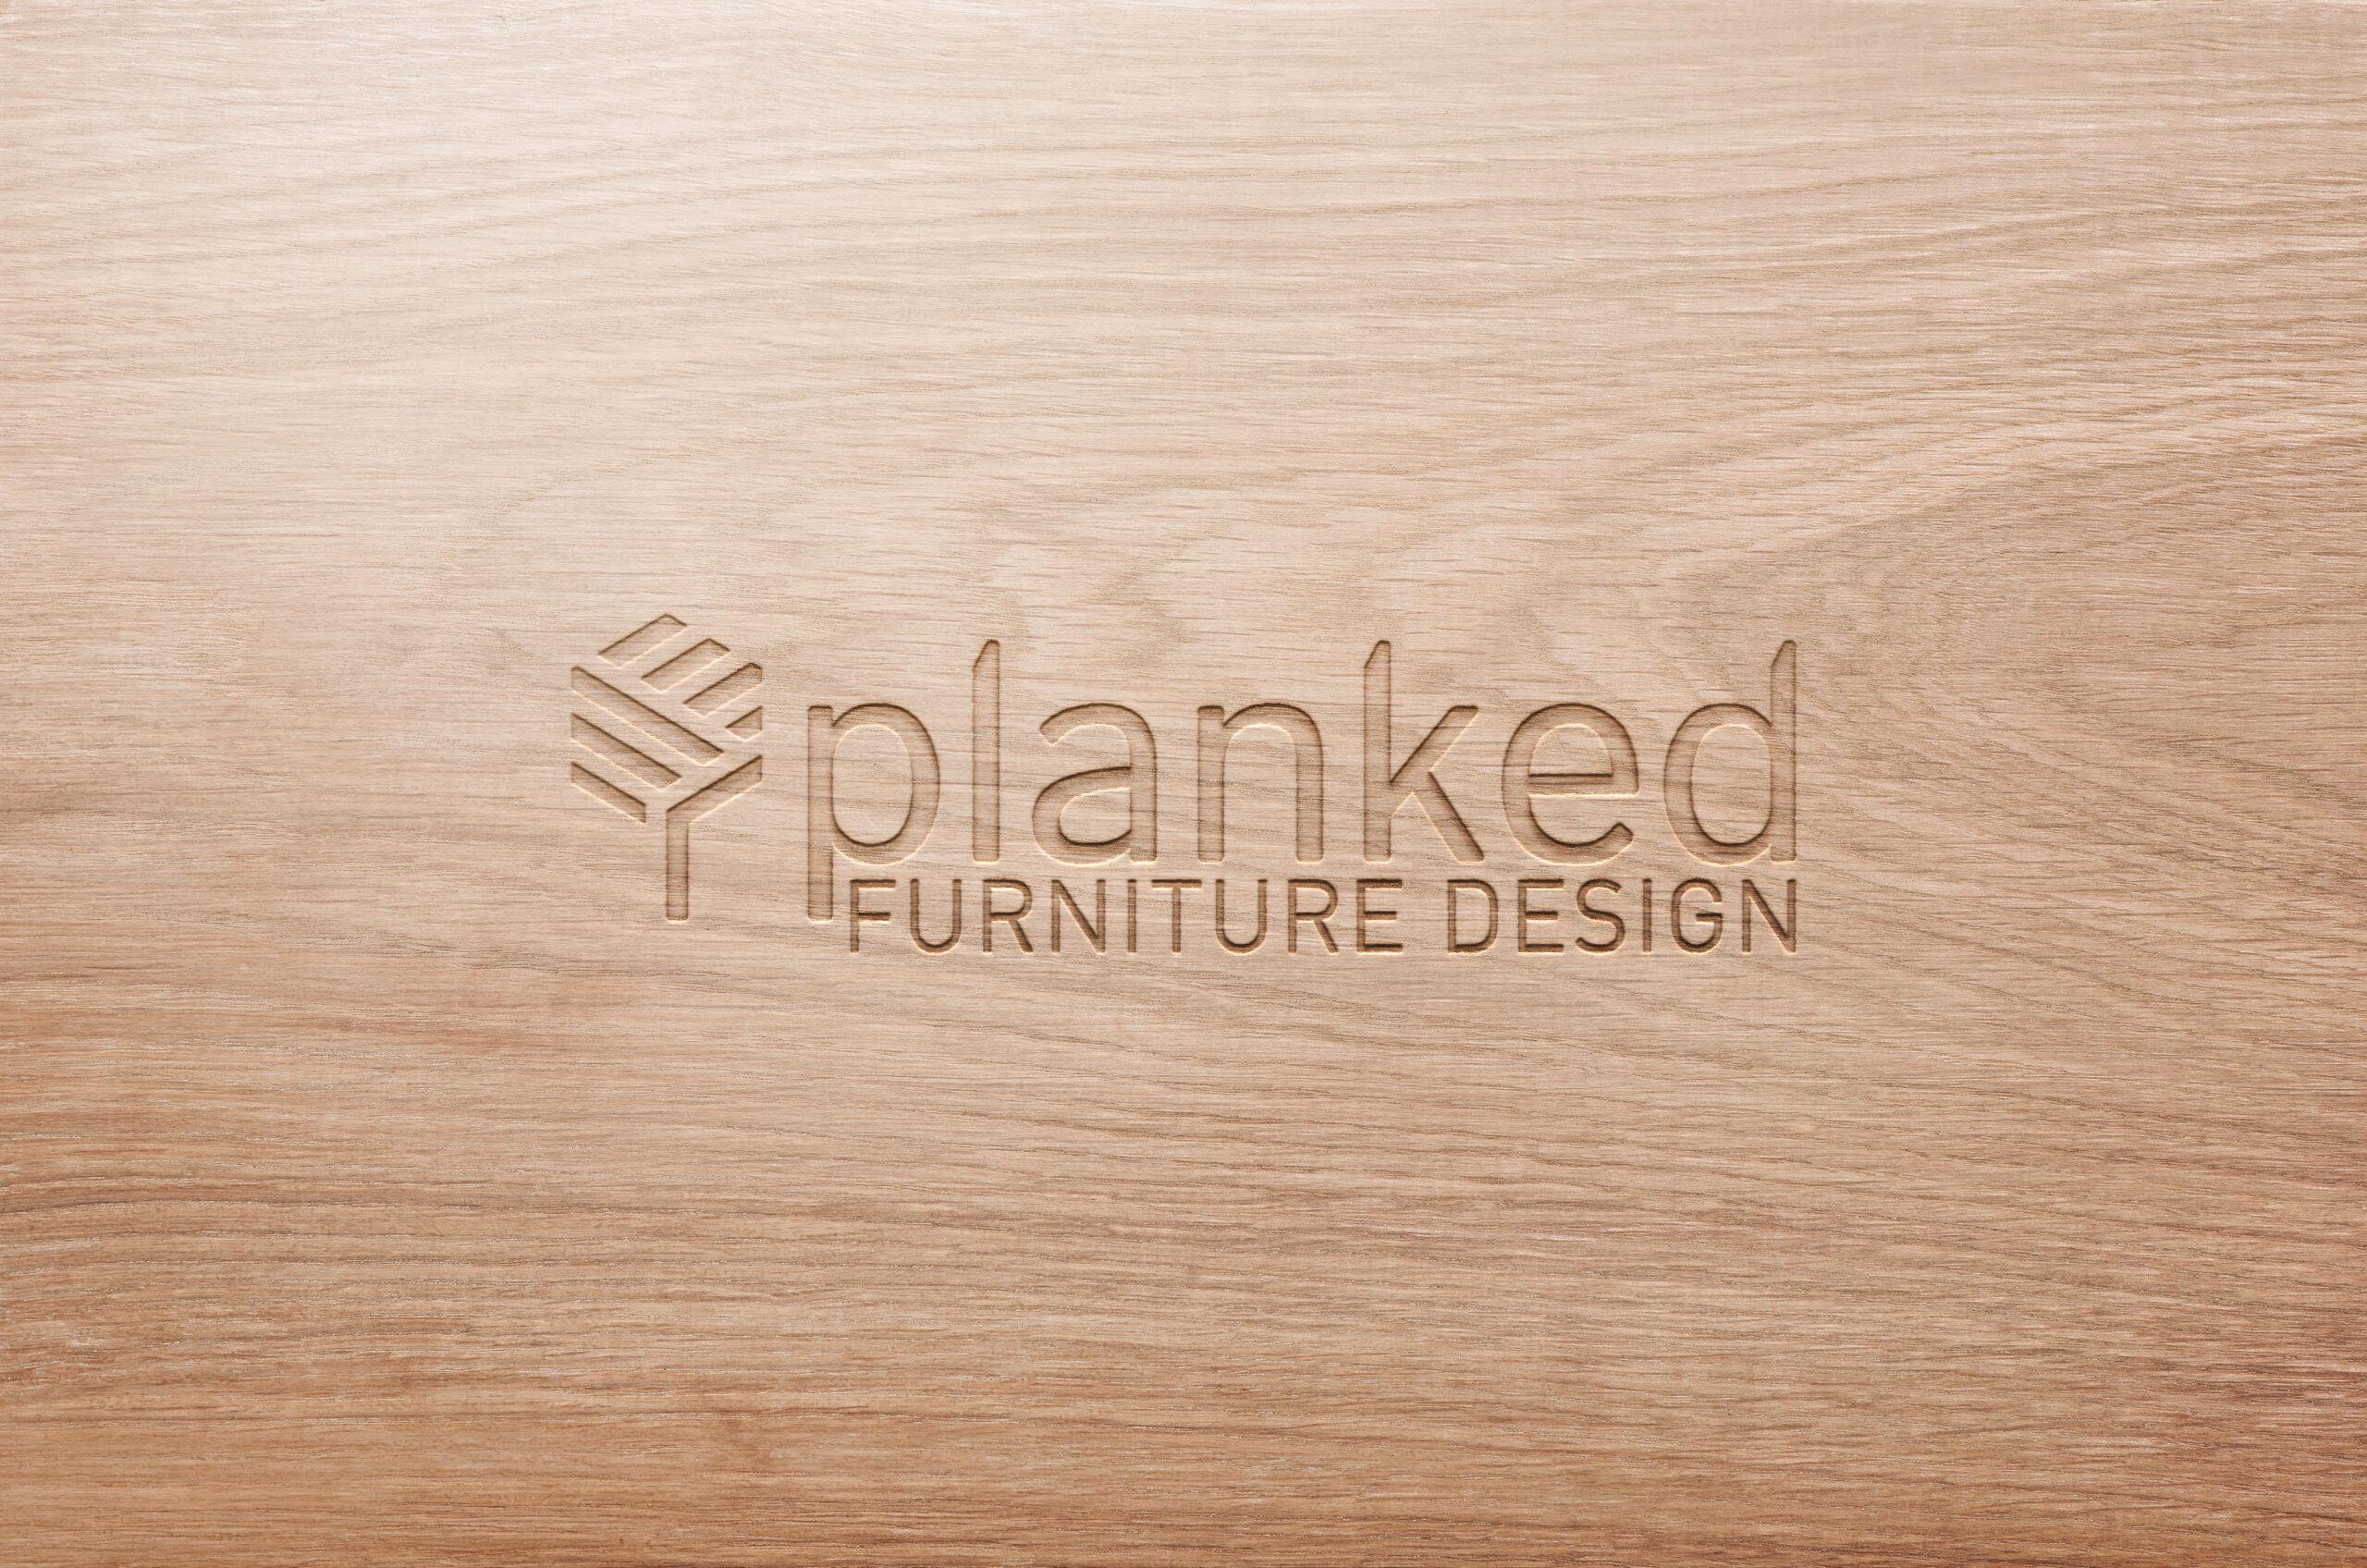 Planked Furniture Design - Logo